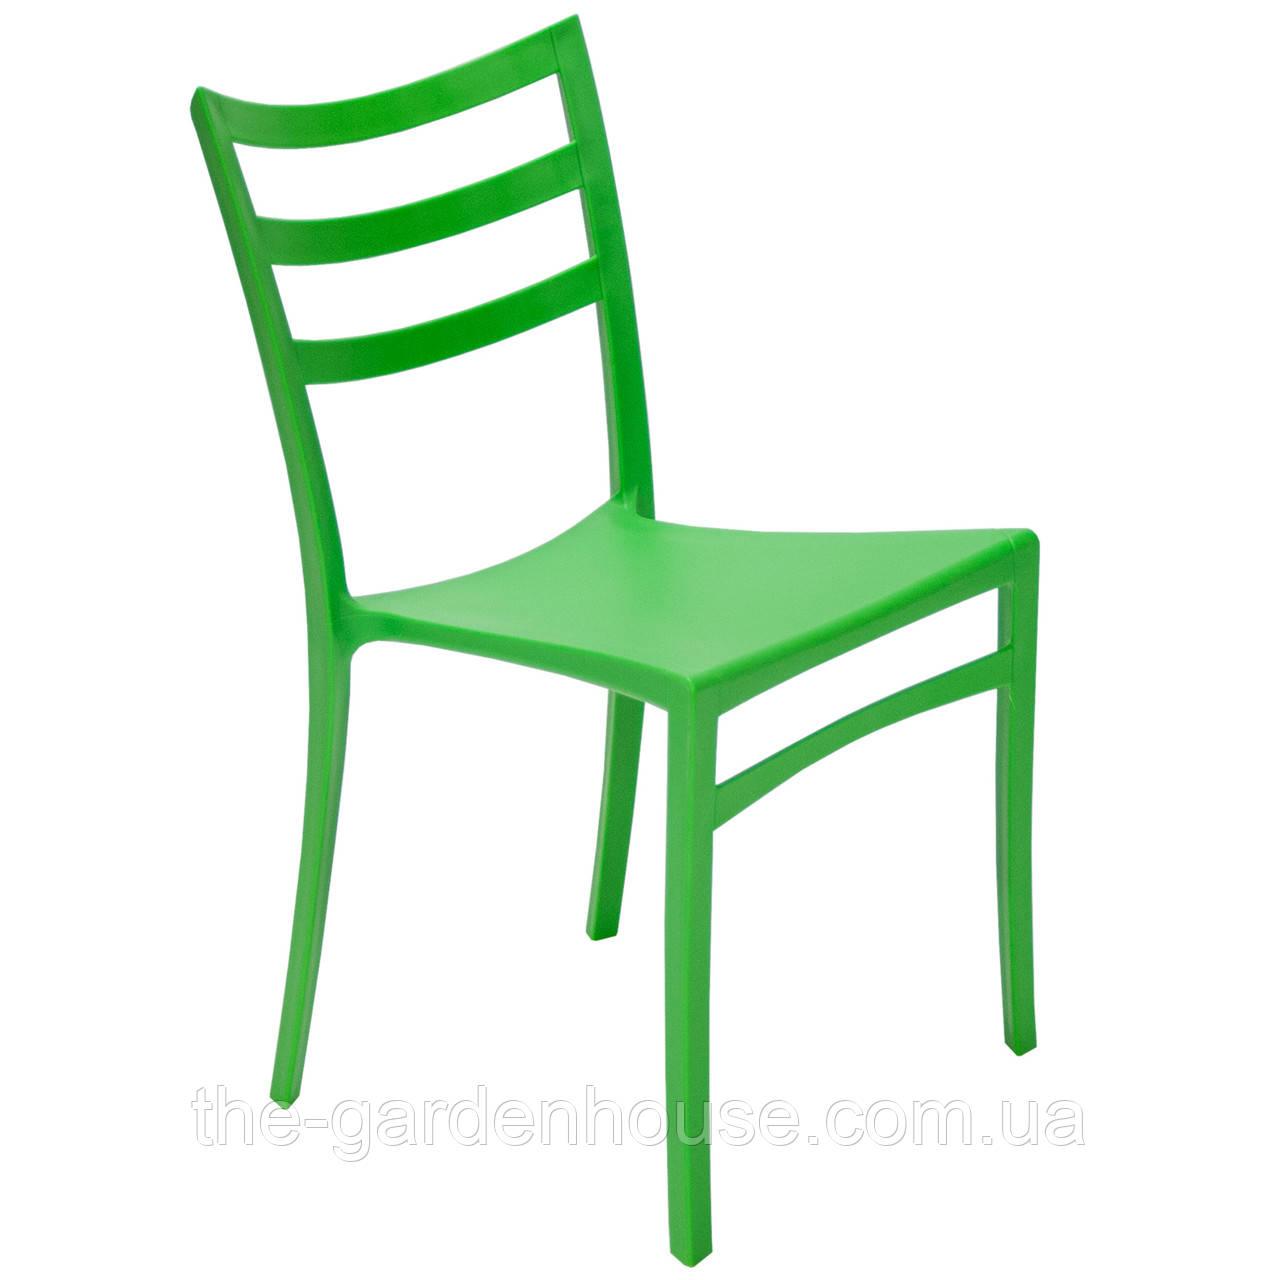 Пластиковый стул с металлическим каркасом Maka зеленый